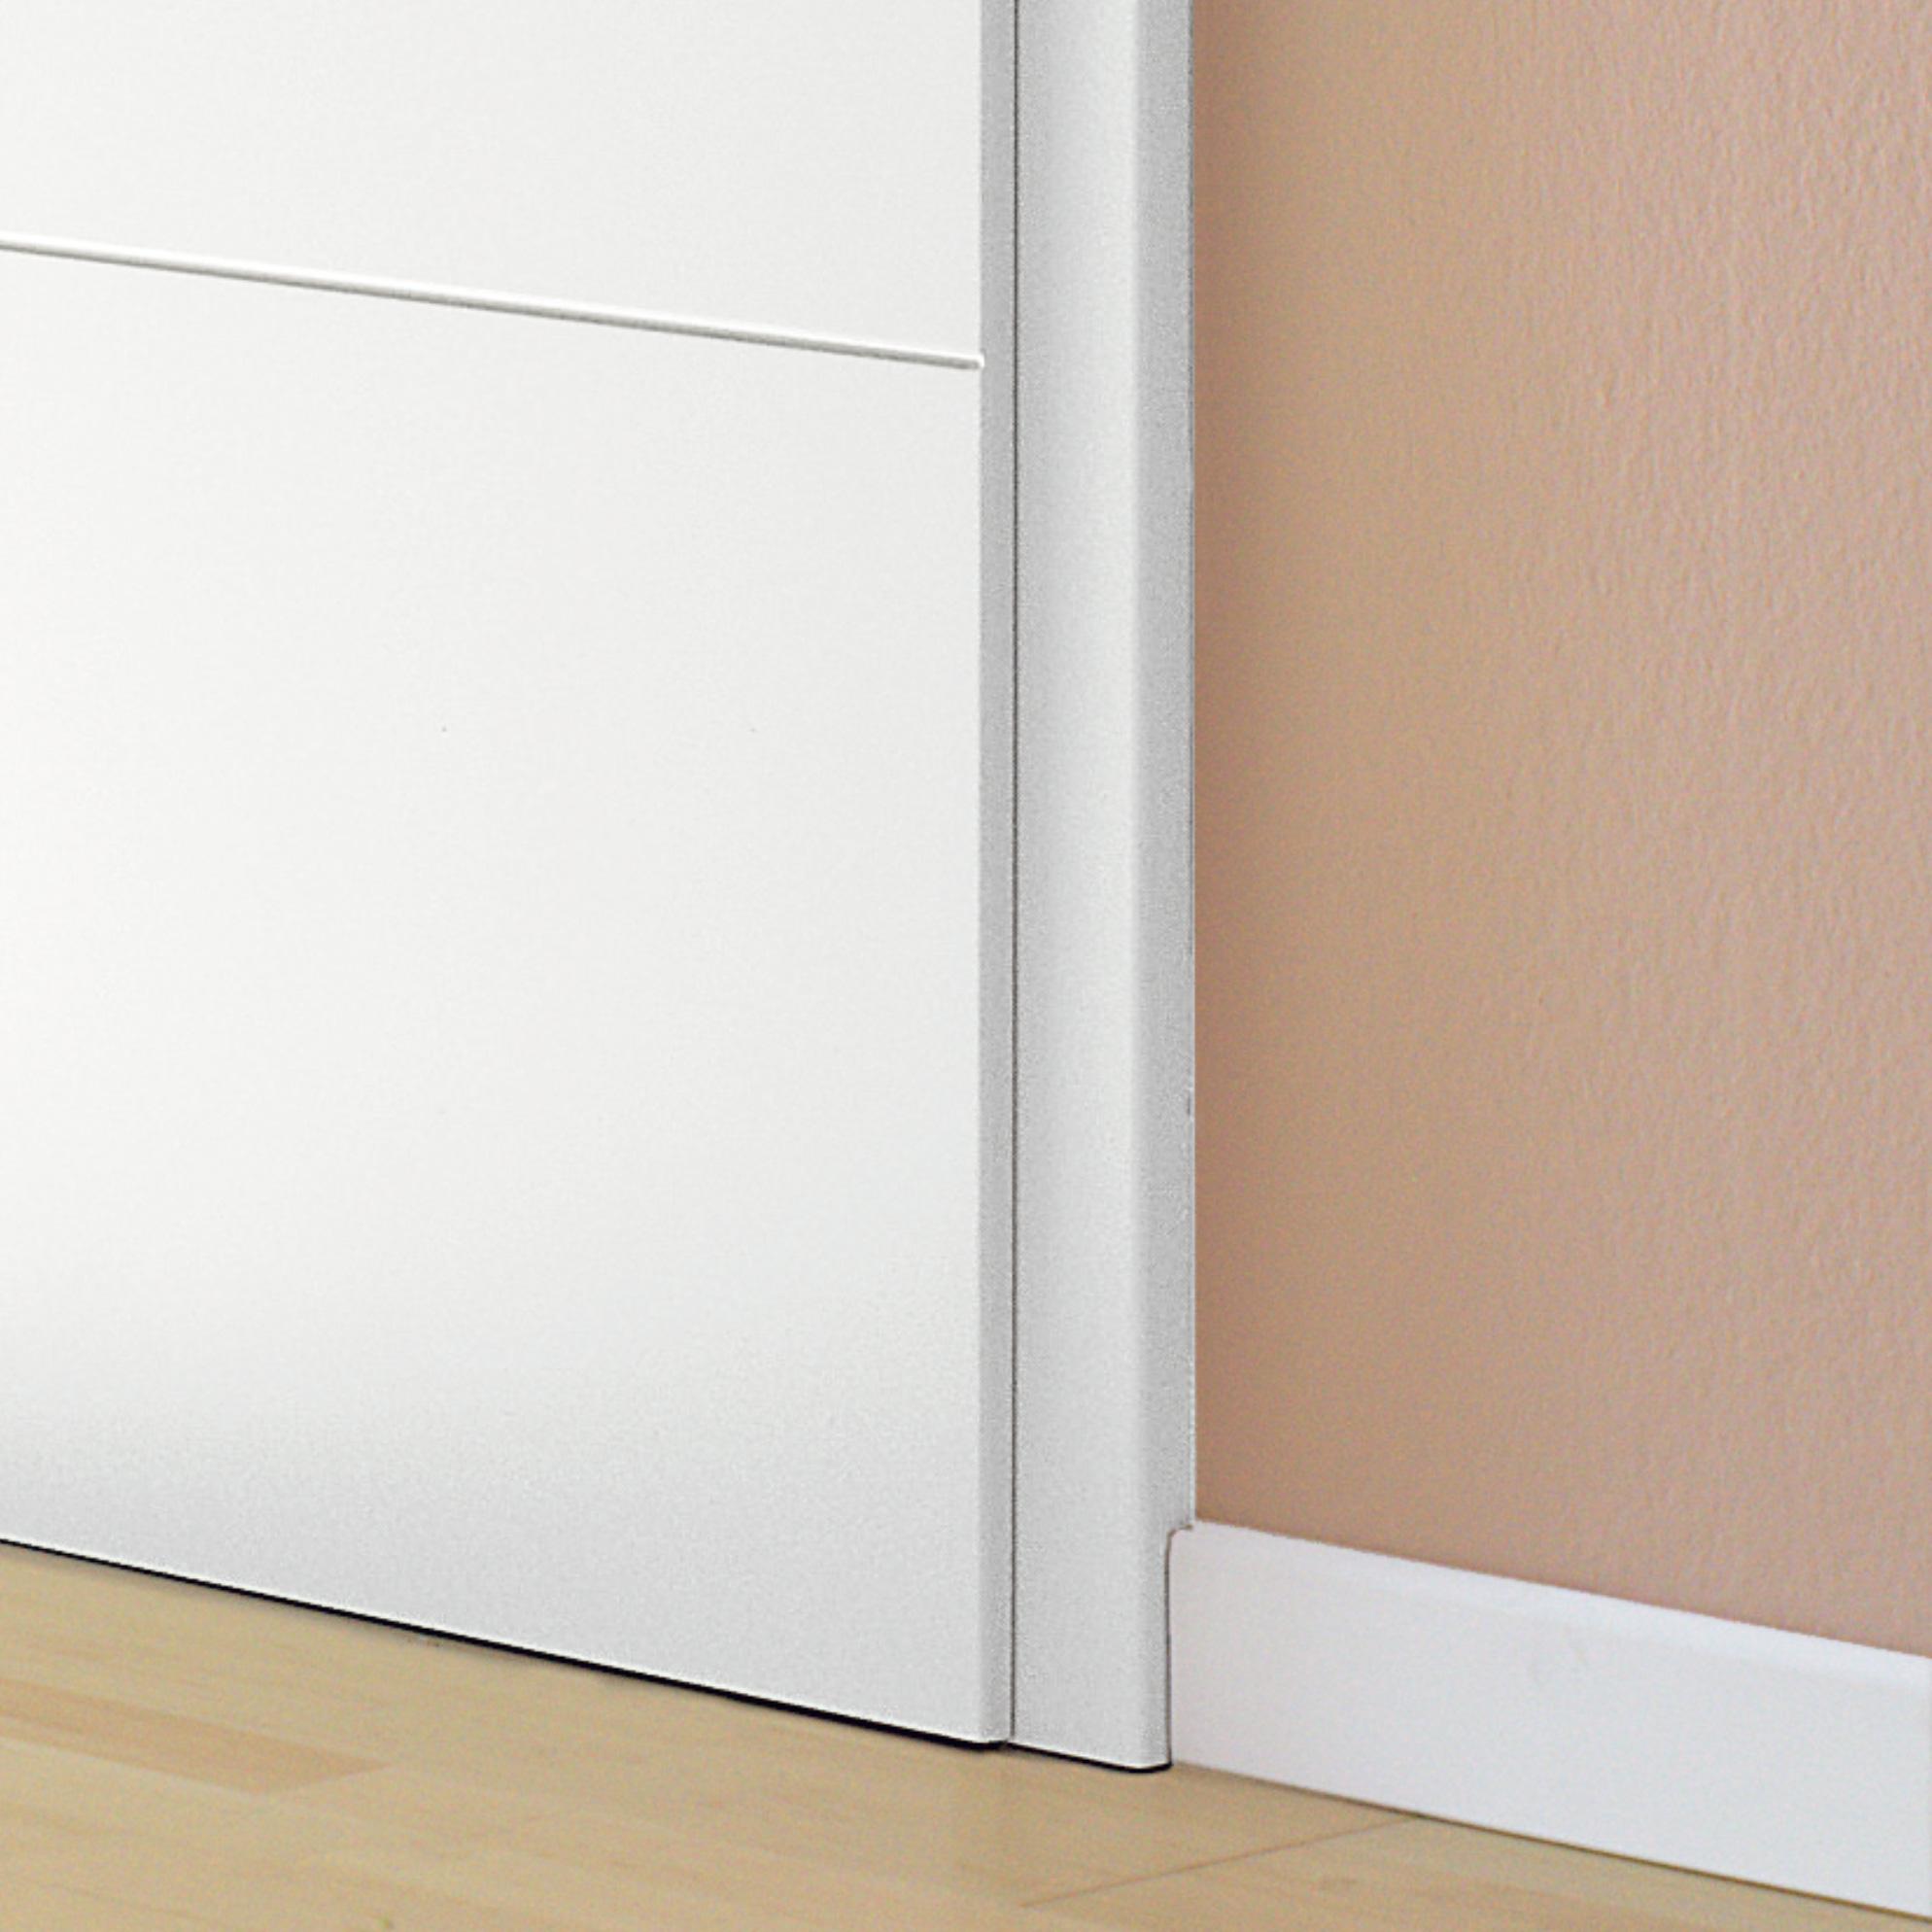 Hervorragend Zeitlose Decora Esche Weiß deckend Innentüren von Herholz | herholz.de JK96